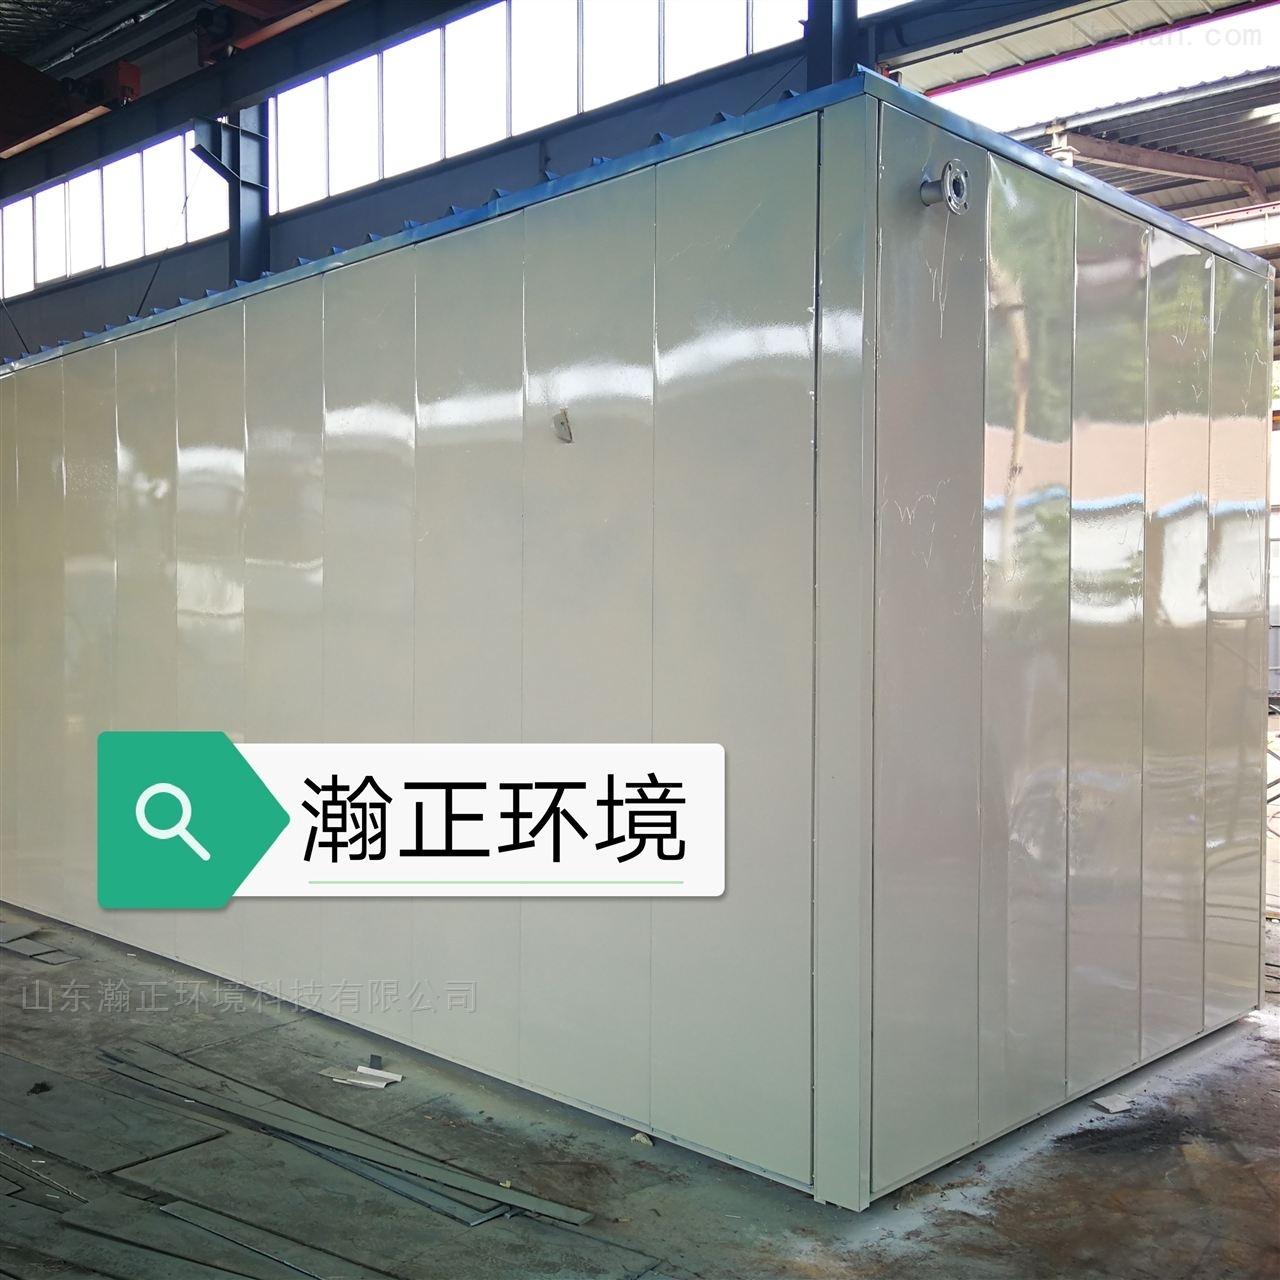 宾馆废水一体化污水处理设备生产厂家